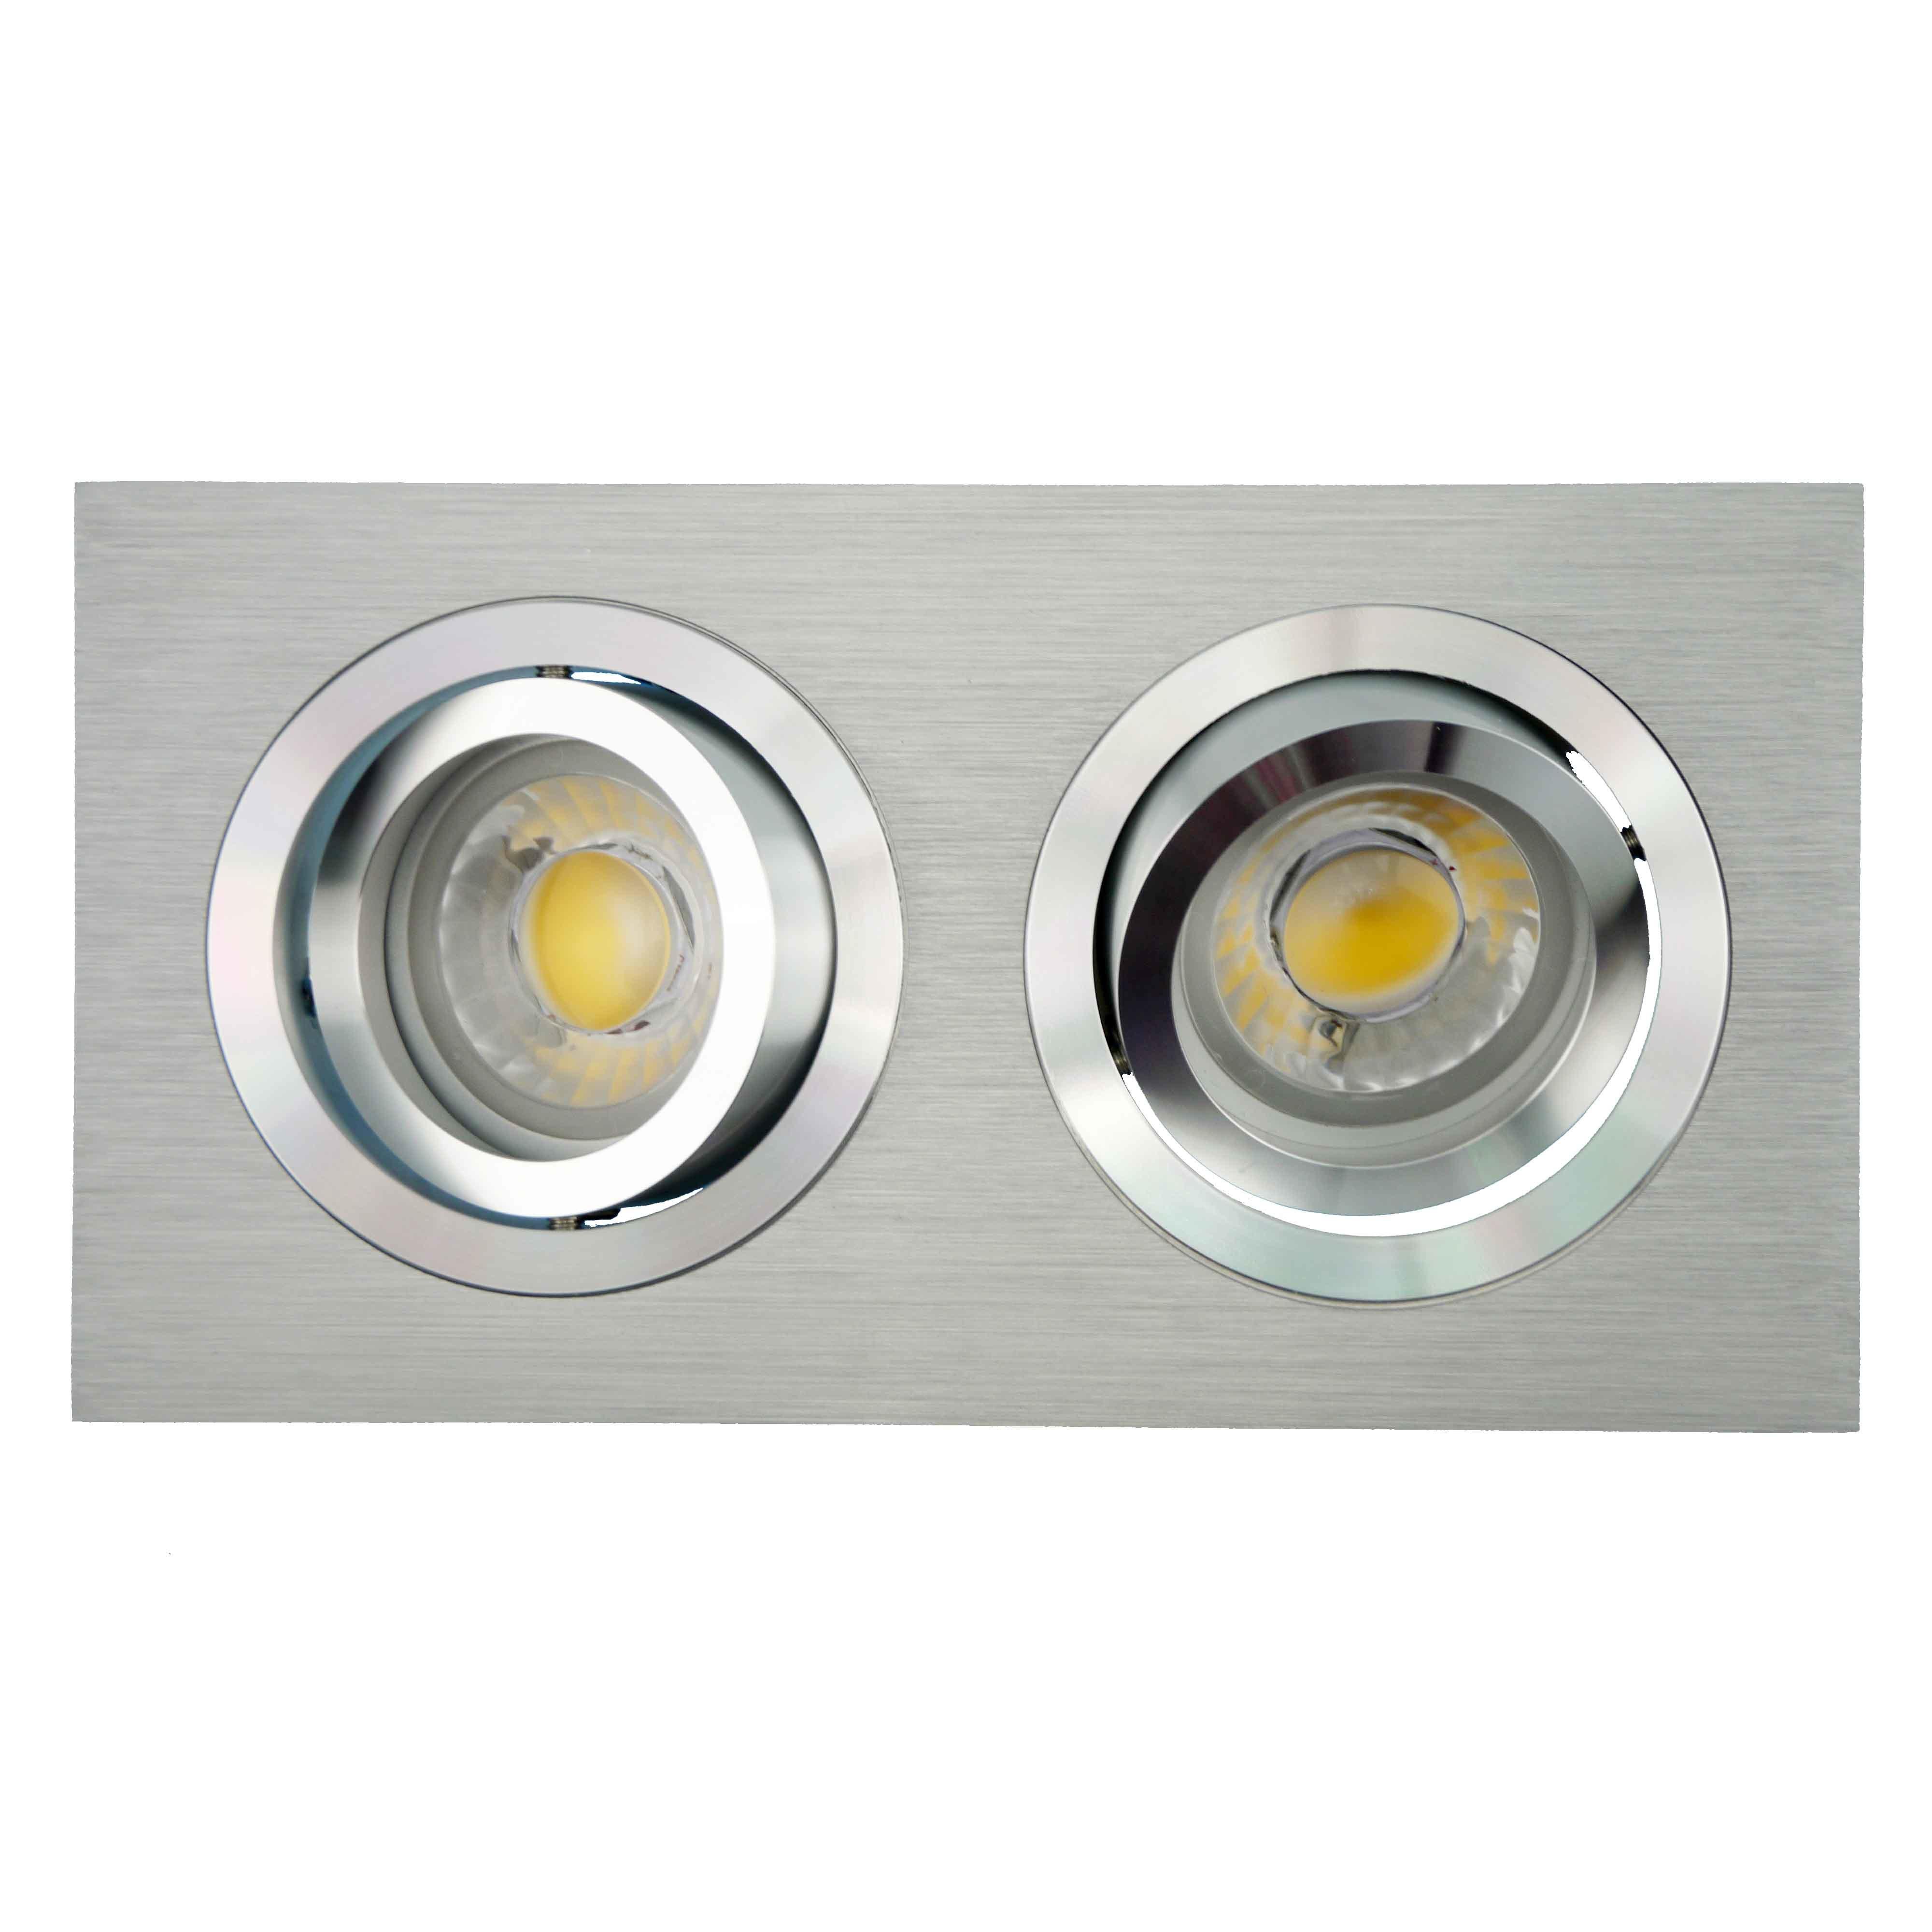 Lathe Aluminum GU10 MR16 Multi-Angle 2 Units Square Tilt Recessed LED Downlight (LT2301-2)